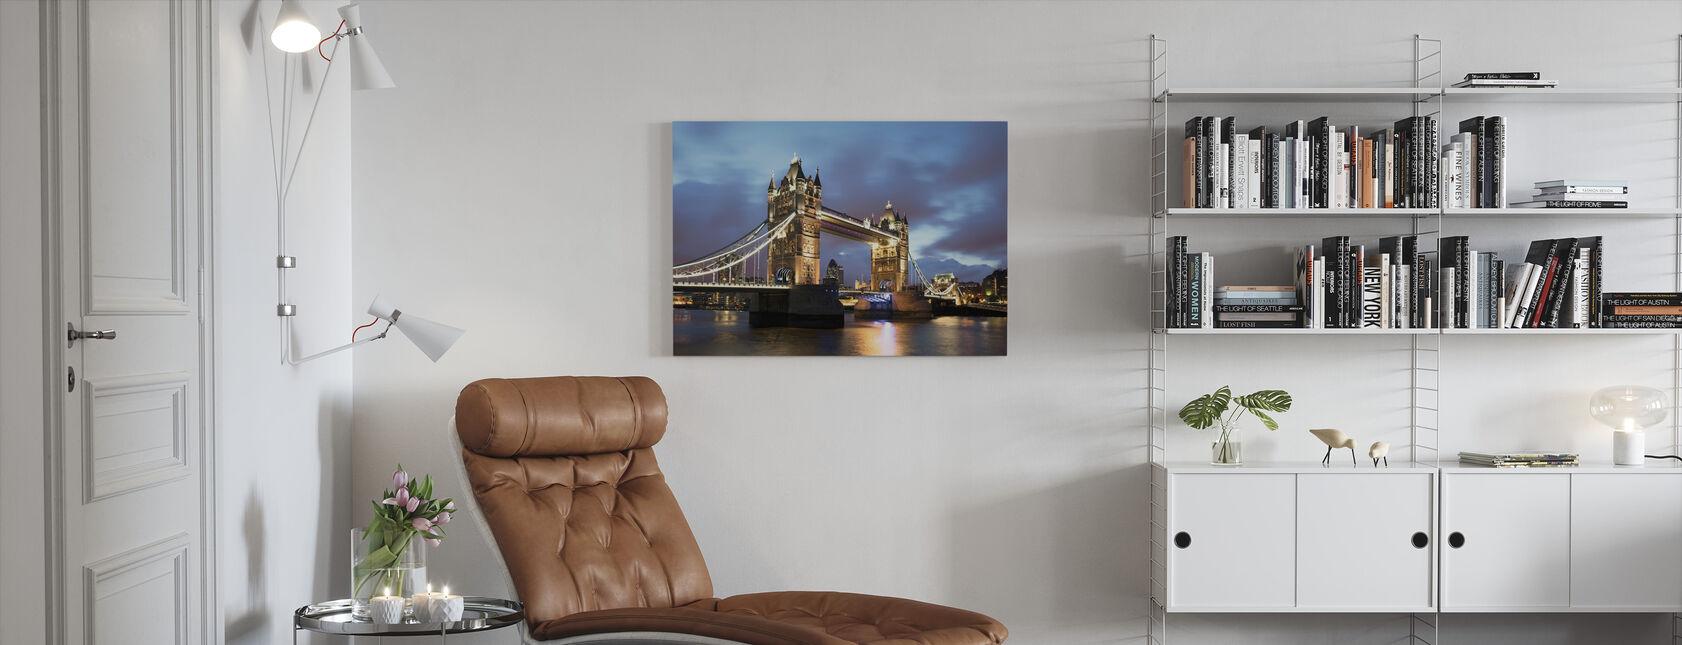 ikonische Brücke - Leinwandbild - Wohnzimmer